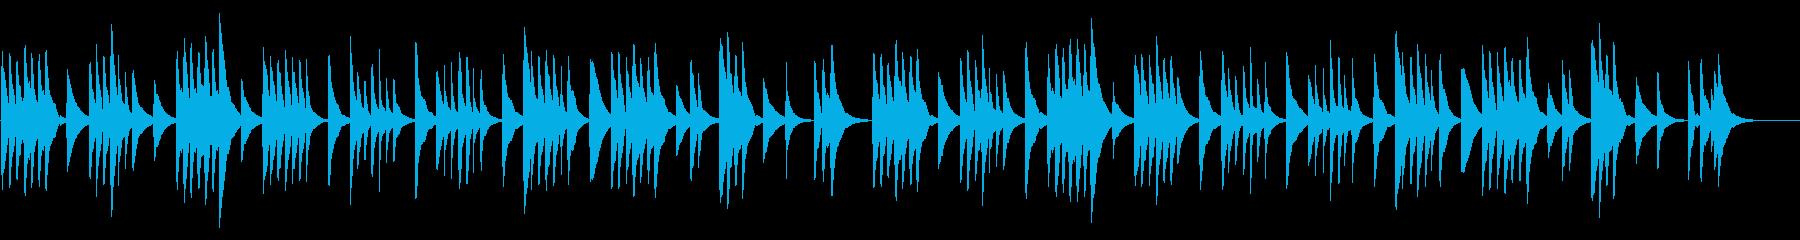 モーツァルトの子守唄 18弁オルゴールの再生済みの波形